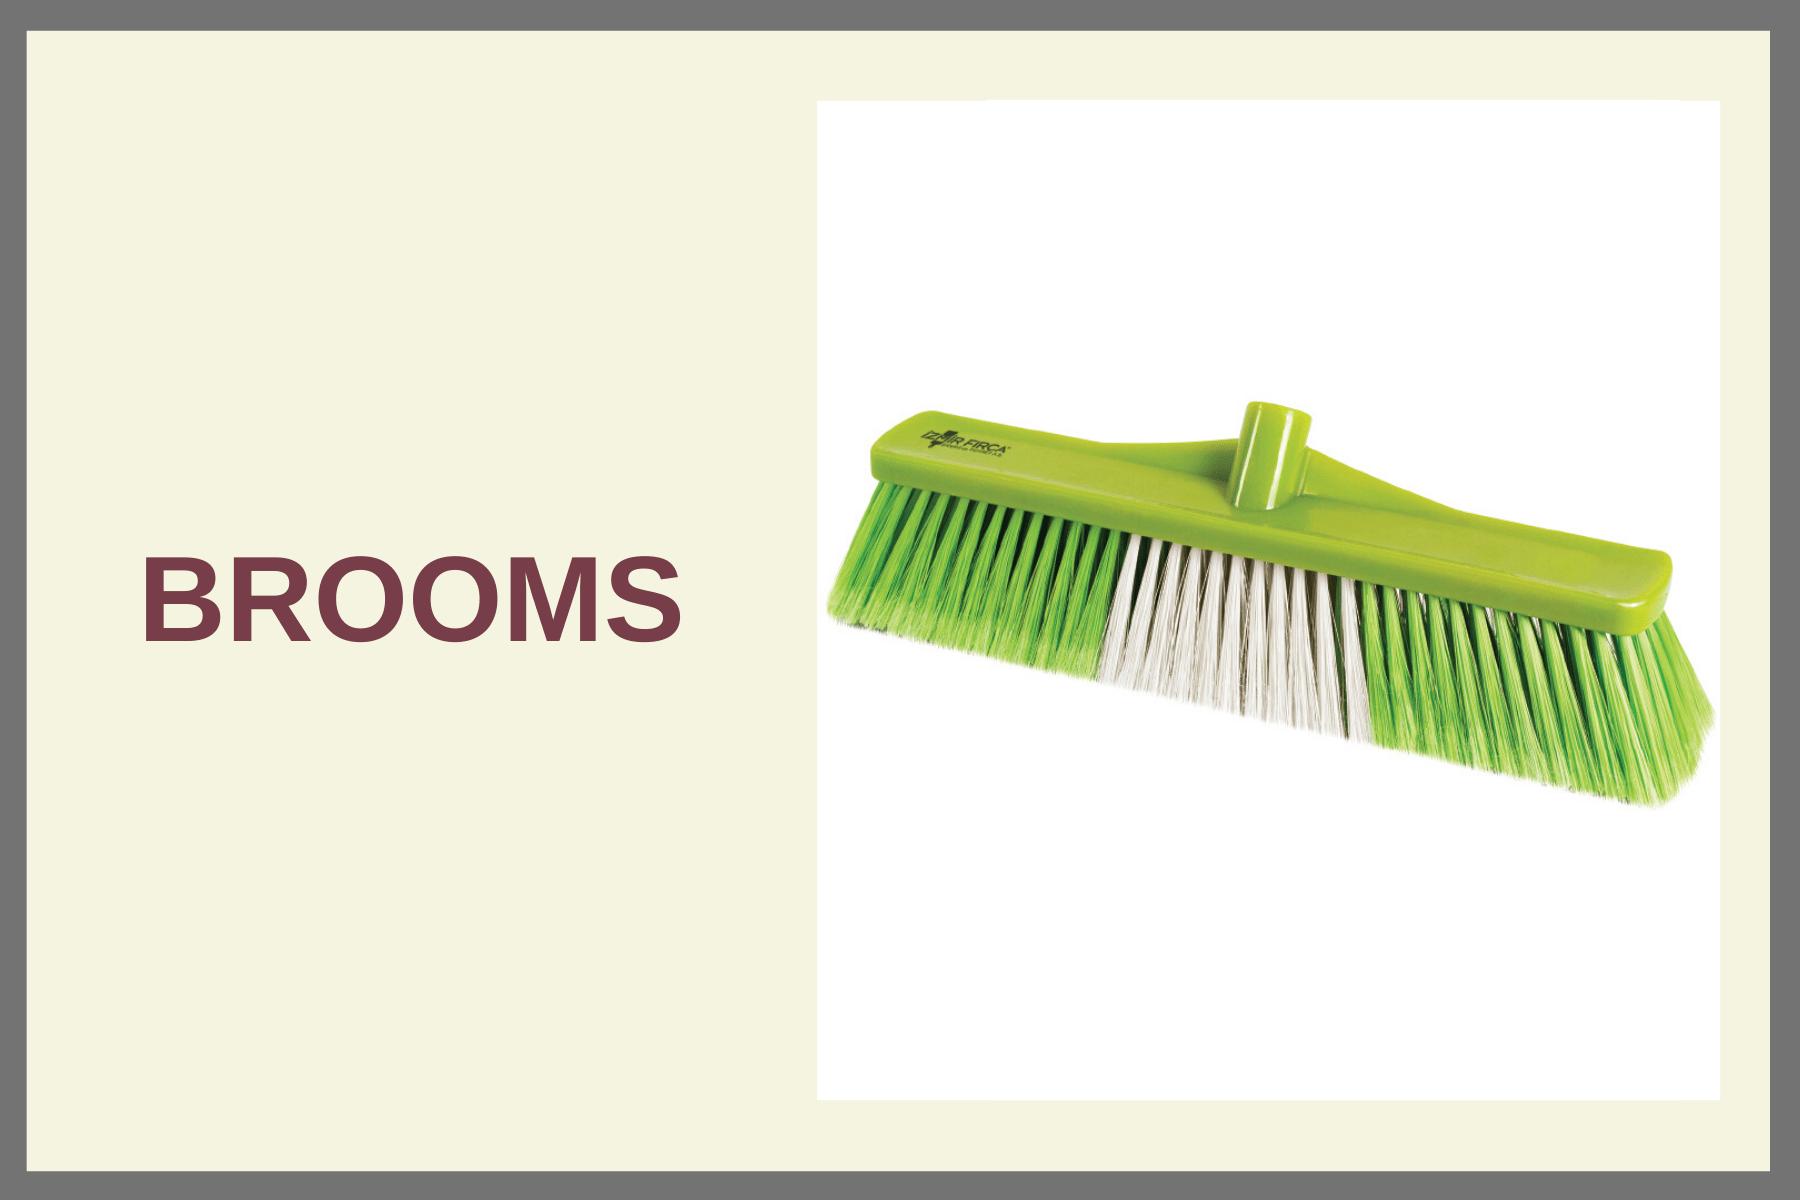 broom brooms street arena hospital garbage garbageman cleaning clean soft stiff wood wooden plastic scope fırça